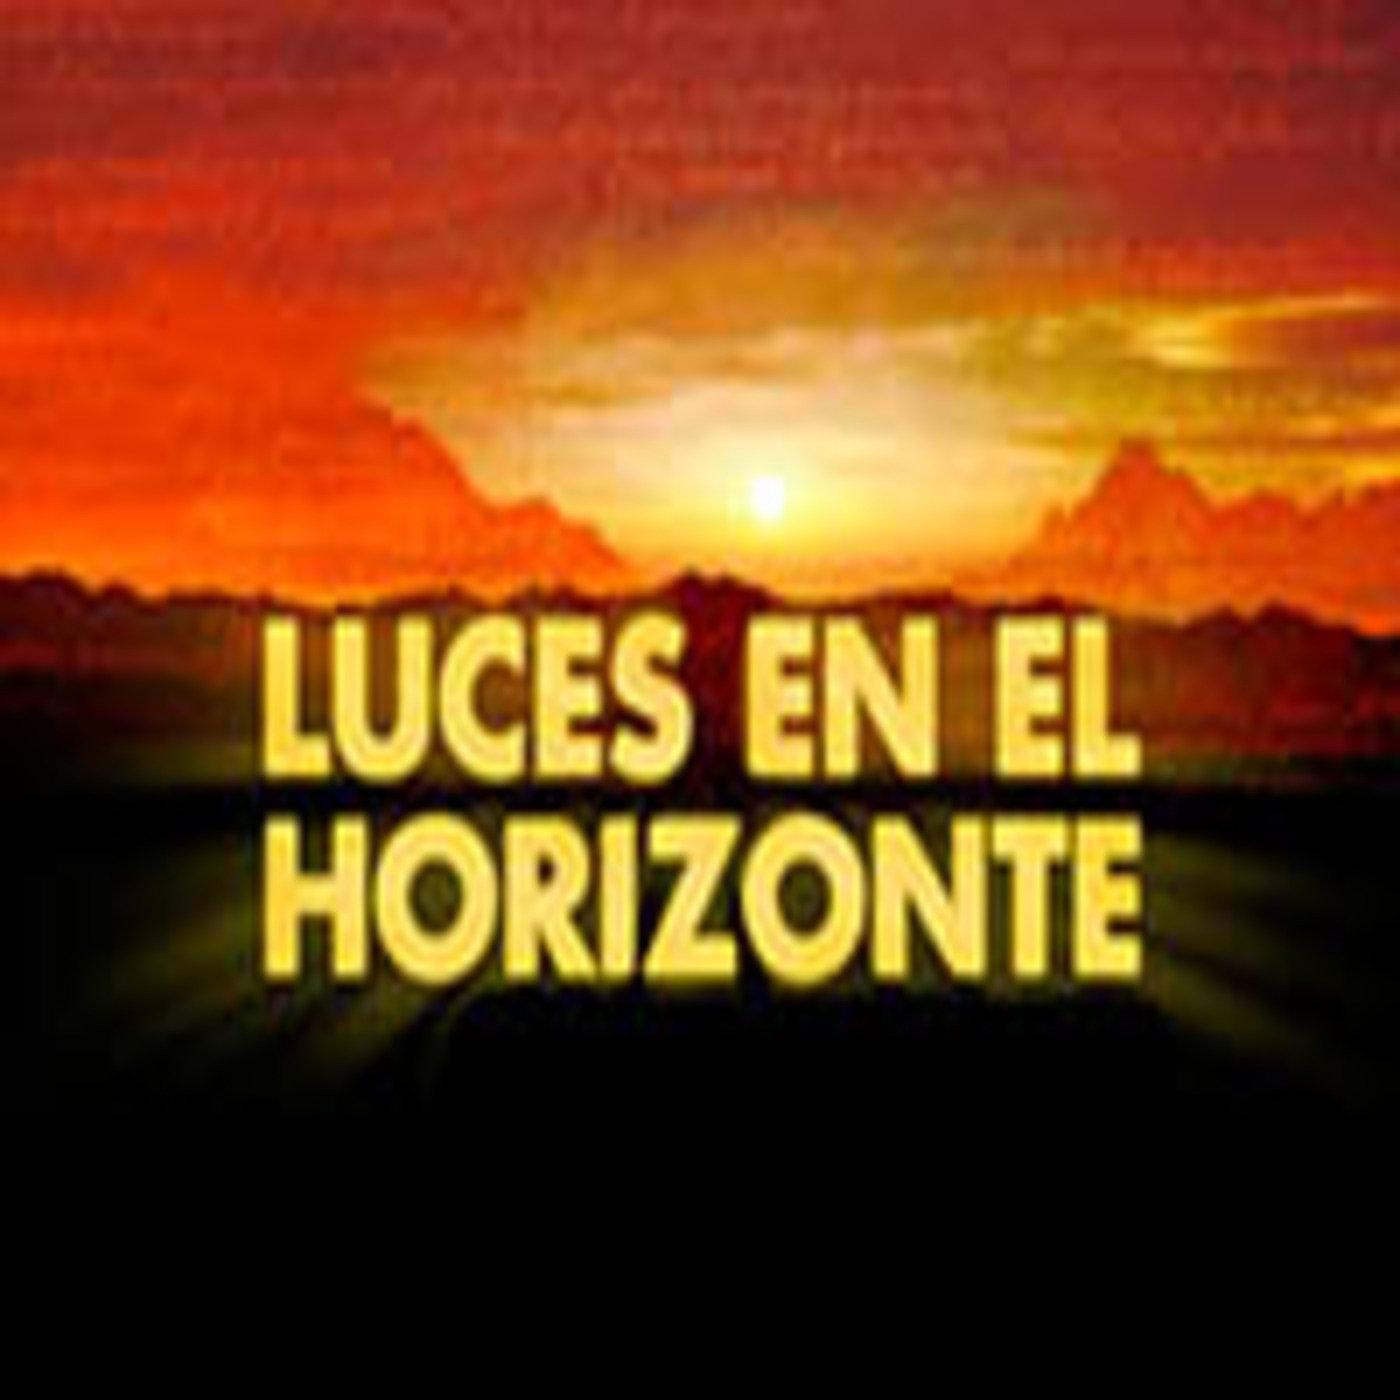 Logo de Luces en el horizonte